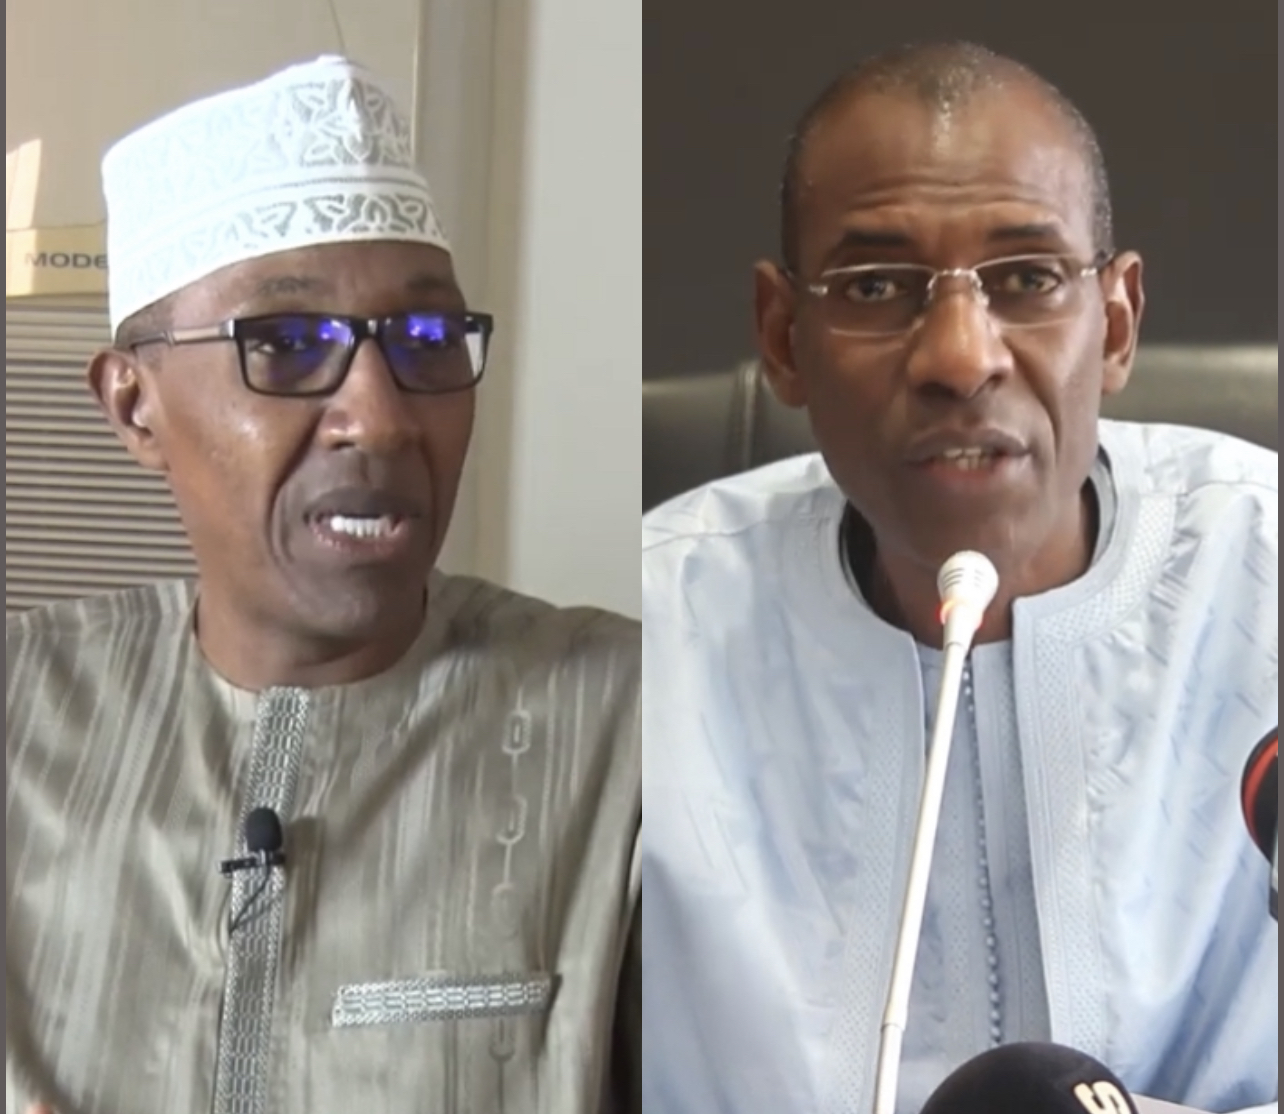 Projections budgétaires pour 2022 de 5.000 milliards de FCFA : les précisions du ministère des Finances face à une sortie de Abdoul Mbaye.